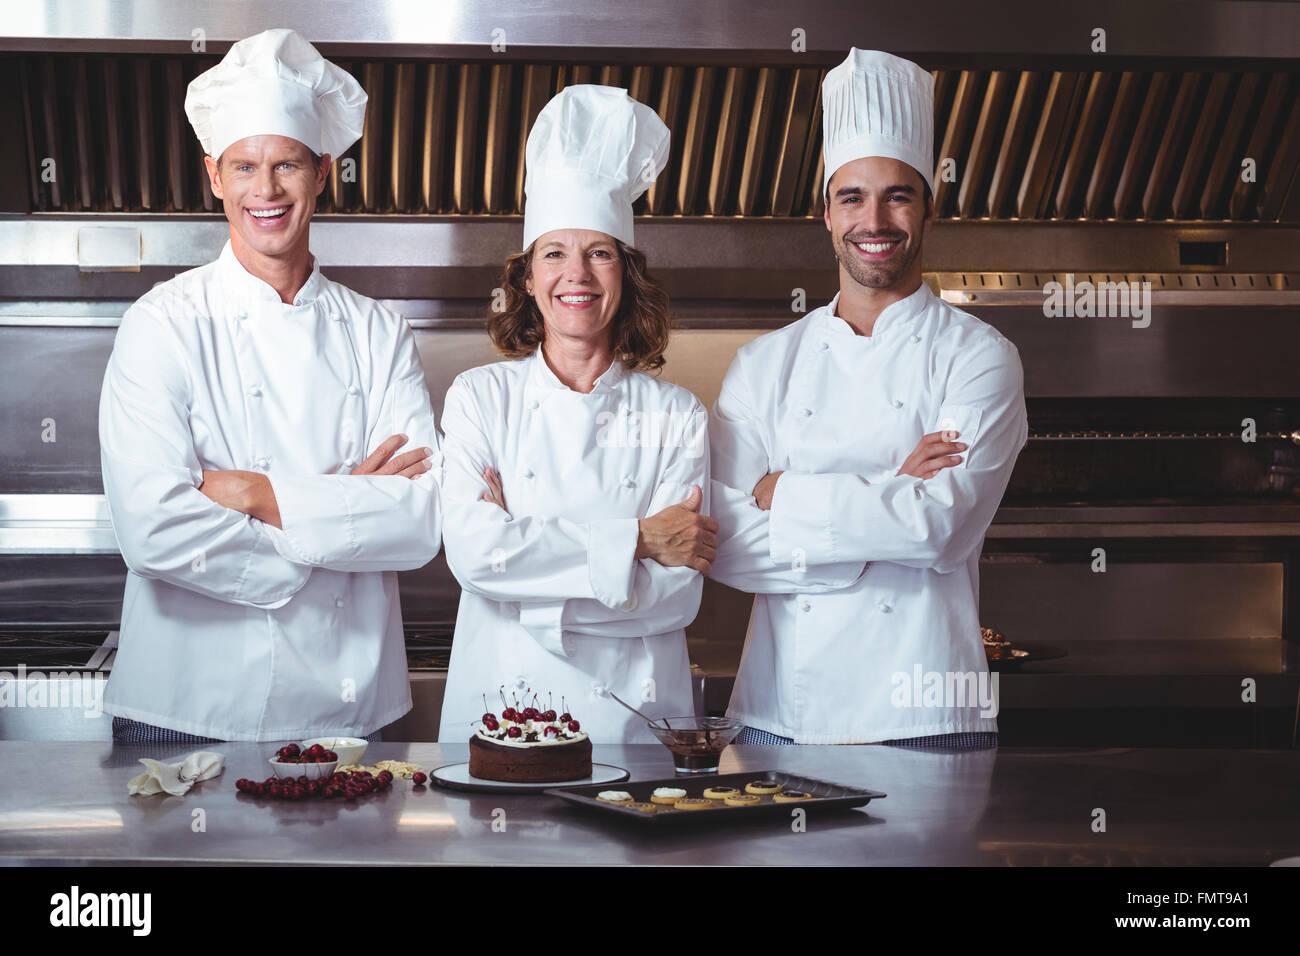 Los chefs felices y orgullosos de presentar el pastel que acaba de hacer Imagen De Stock